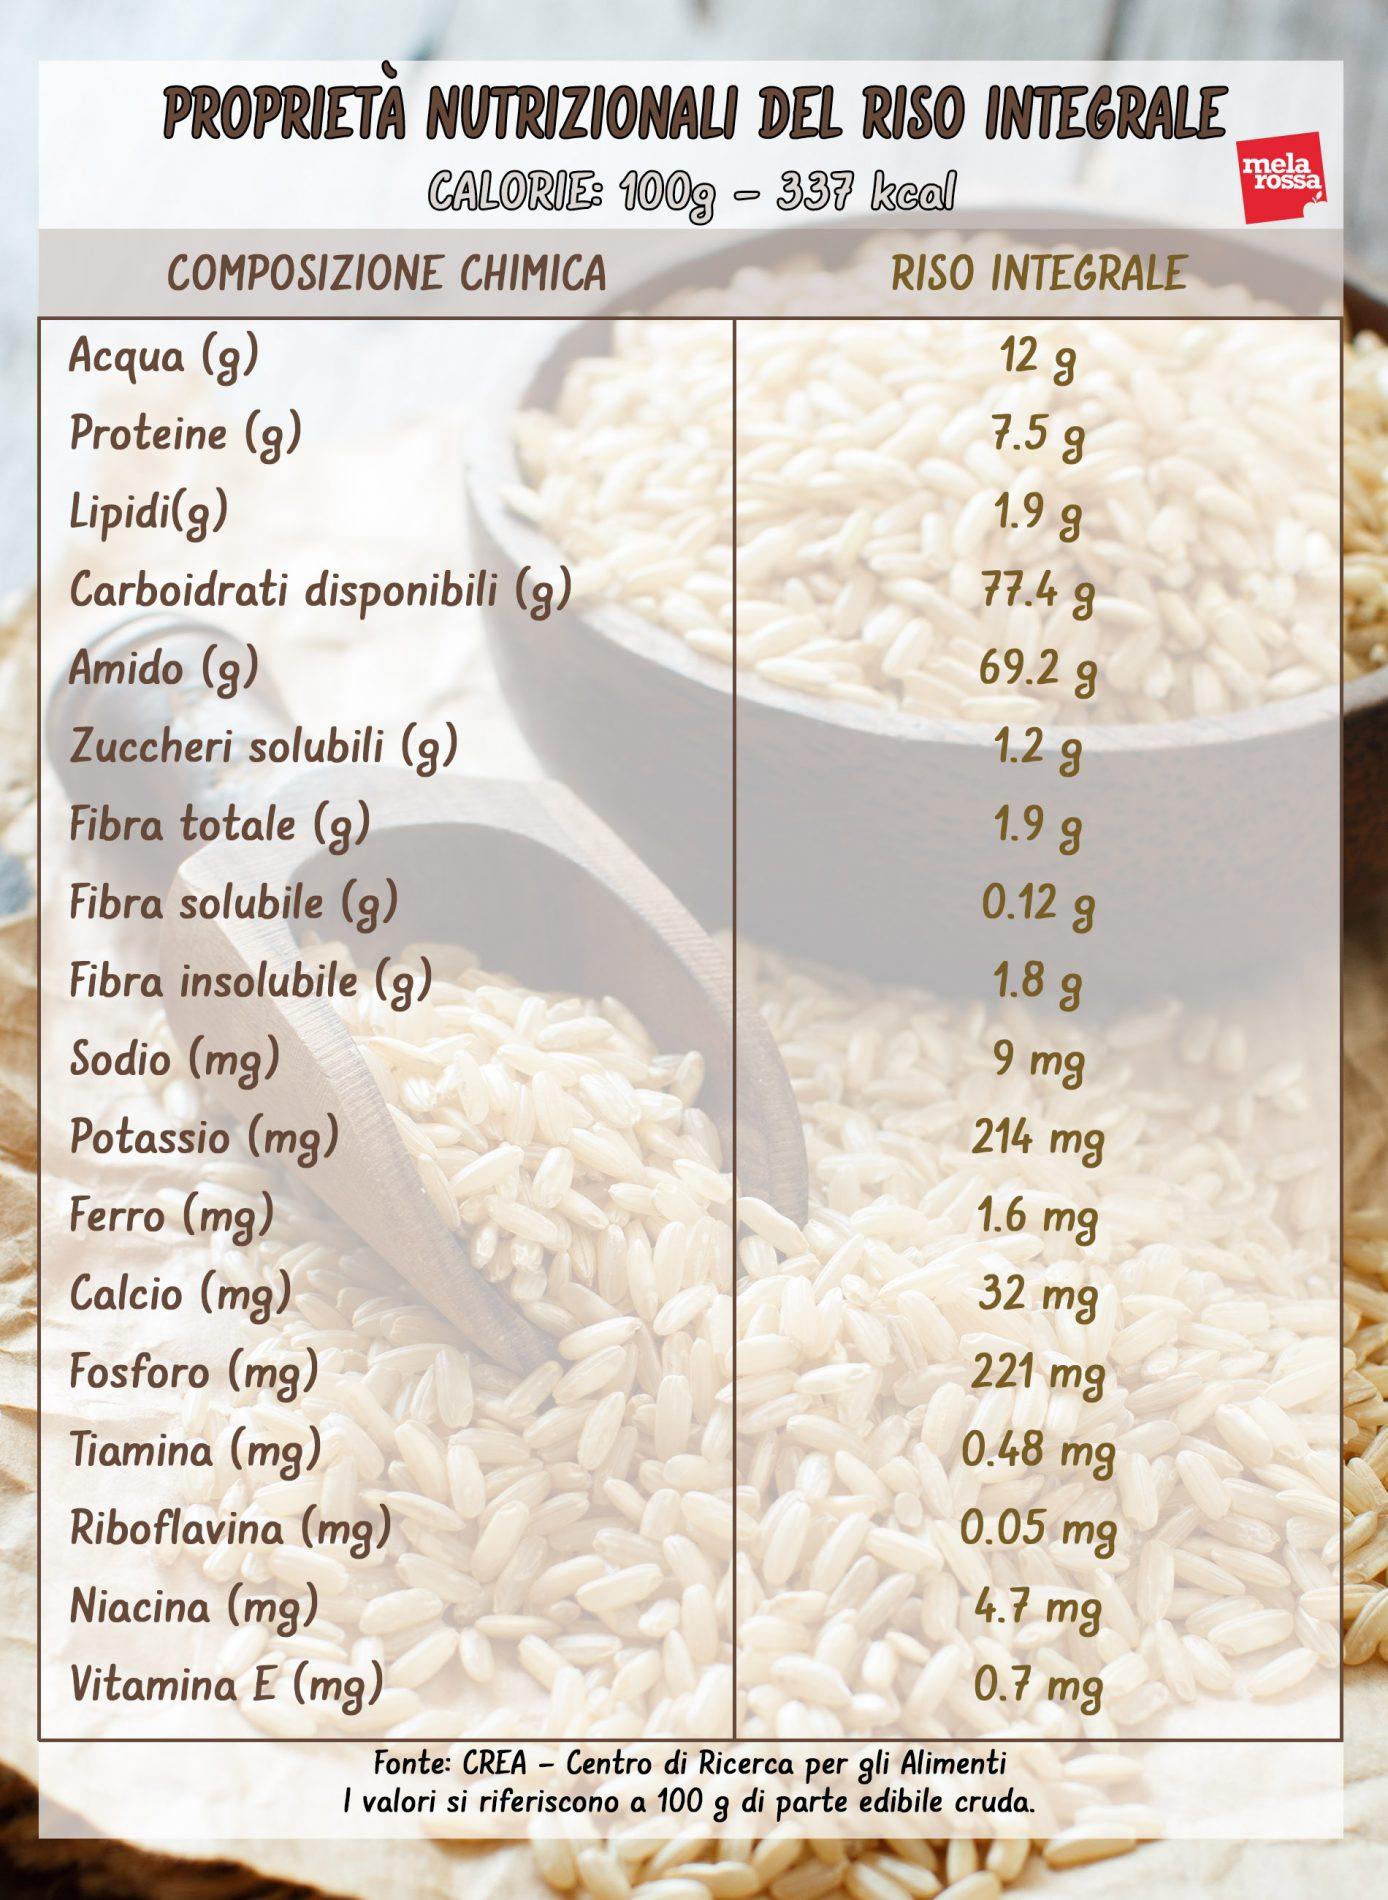 riso integrale: valori nutrizionali